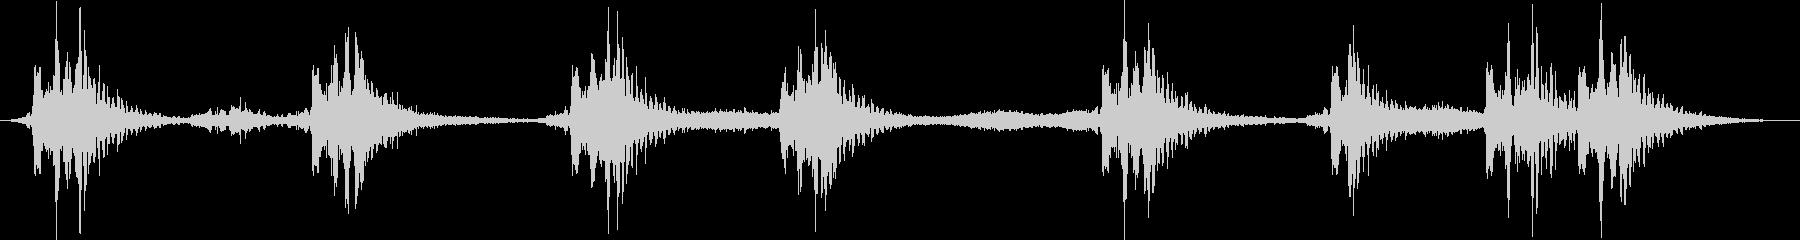 あなたの心を失う:神秘的な地下の声の未再生の波形